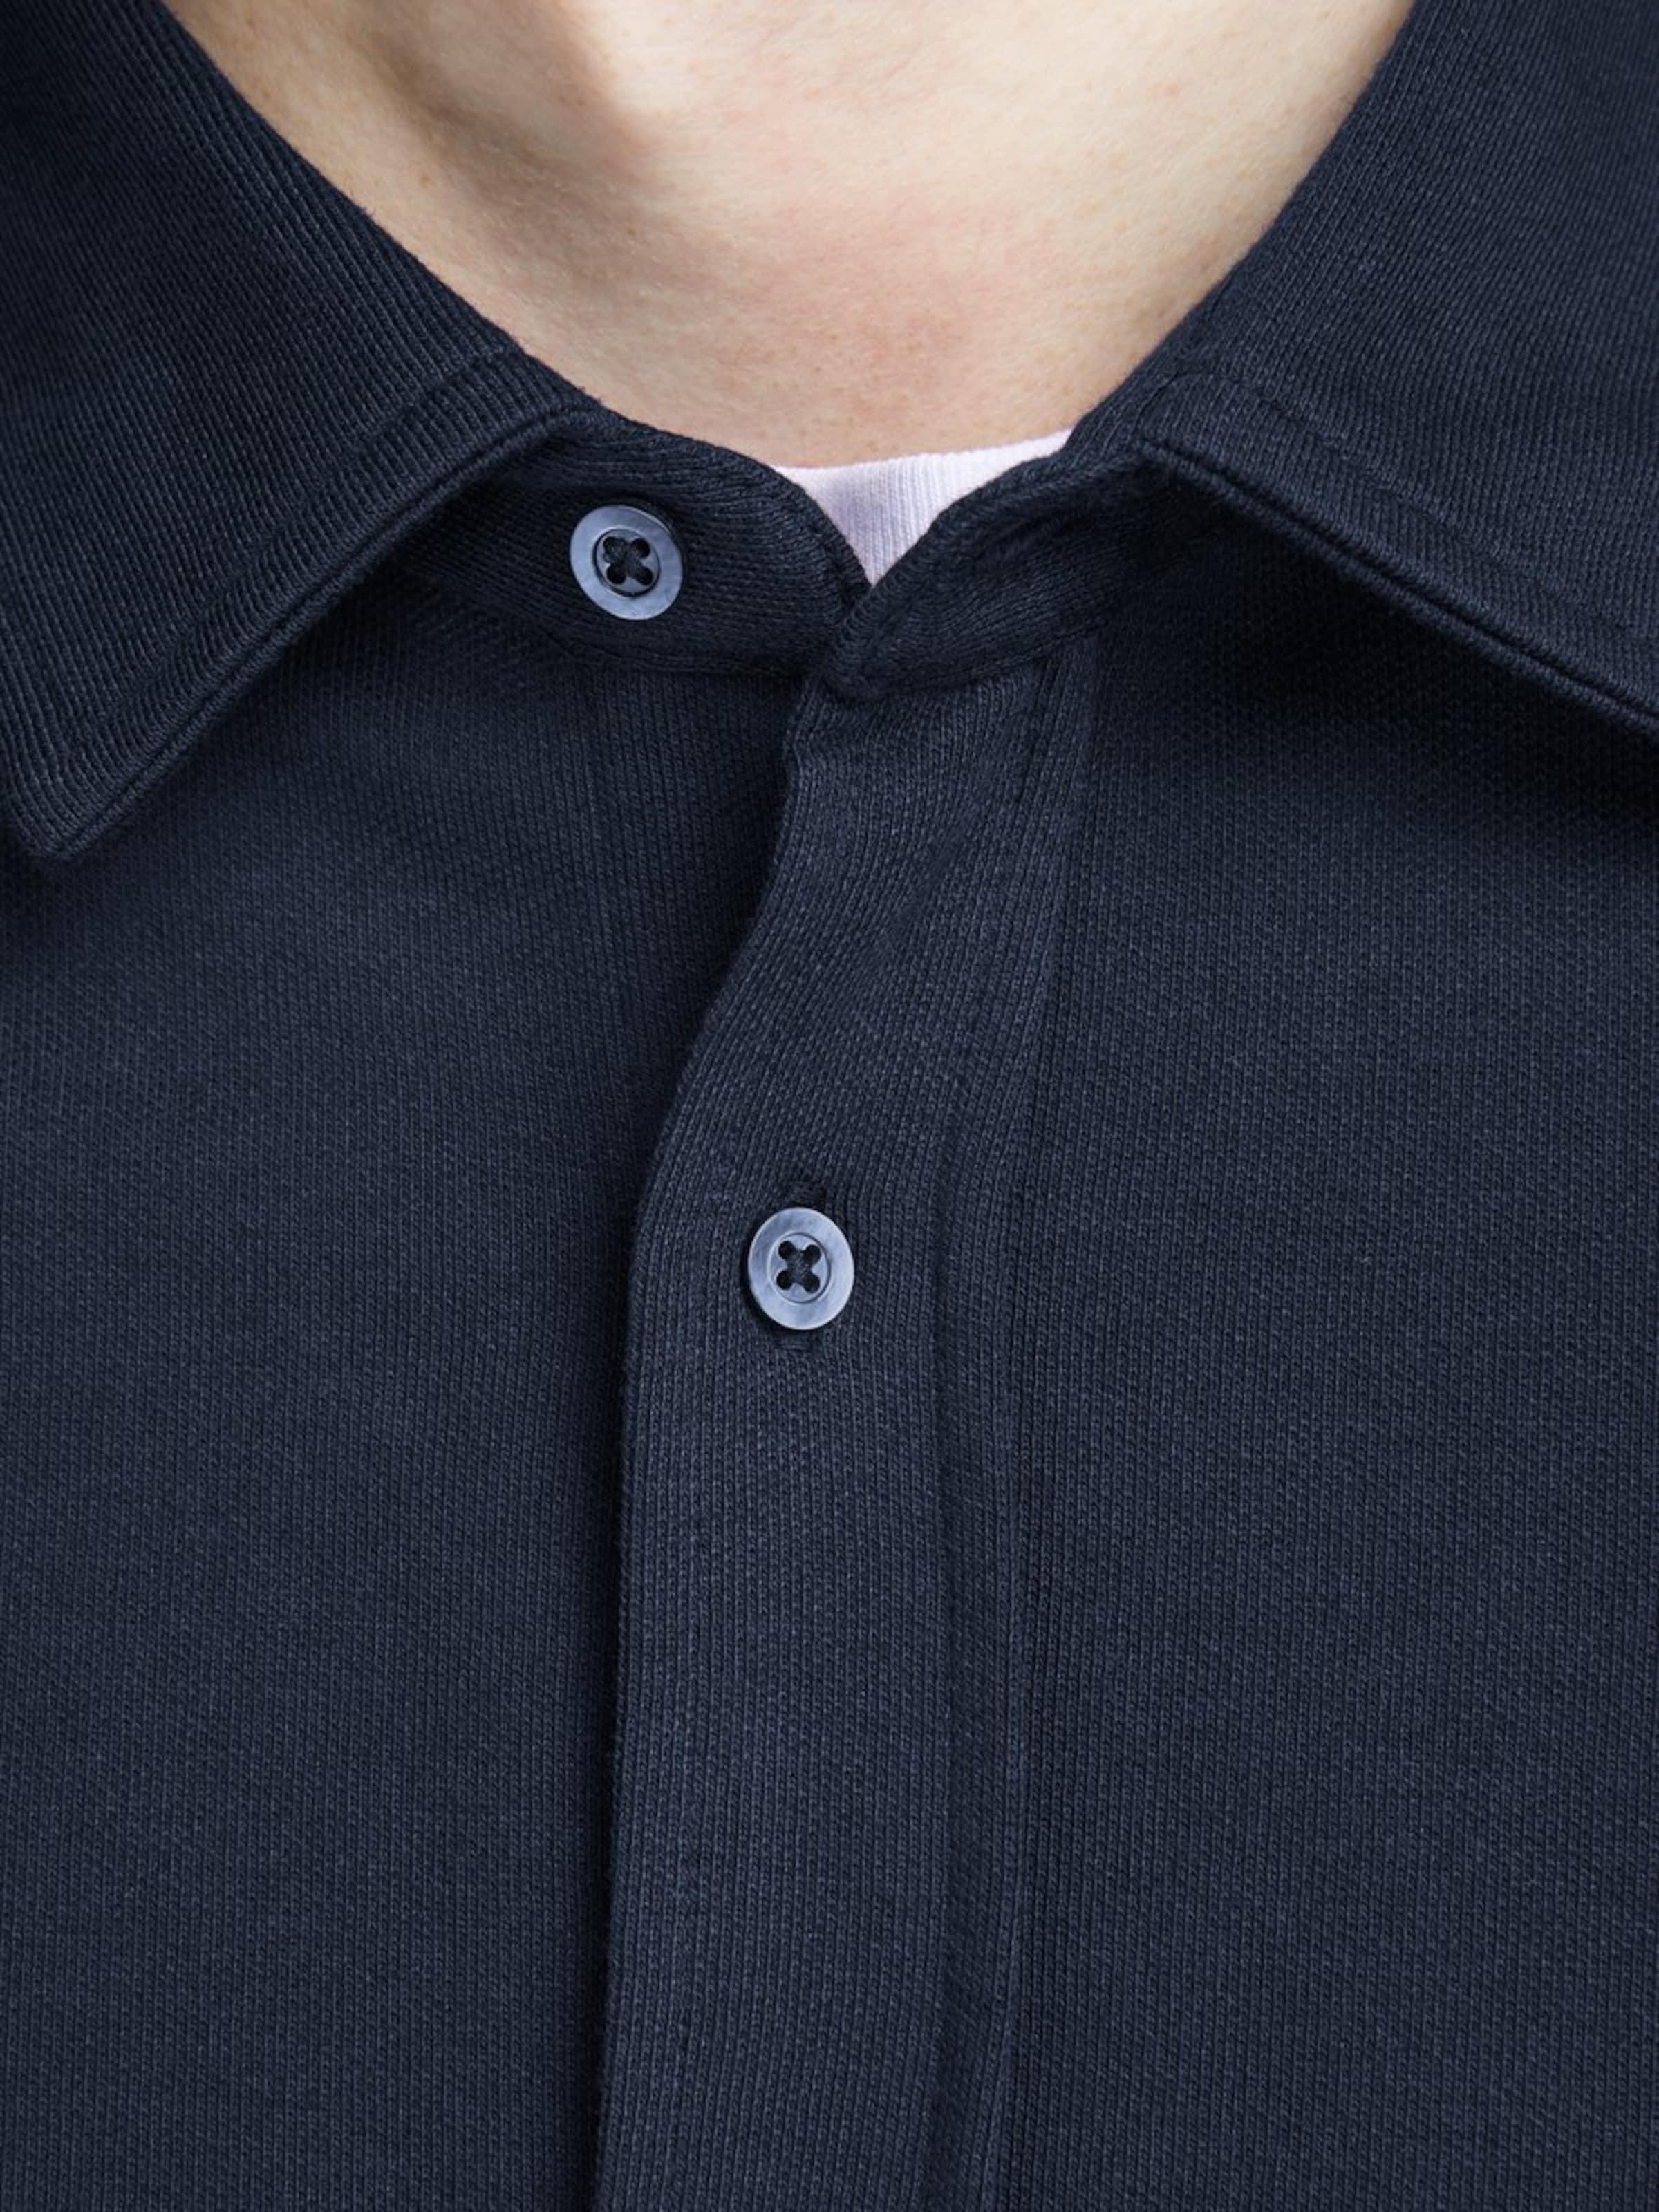 Navy In Jackamp; Jones Shirt 'pikee' BoedxWQrC